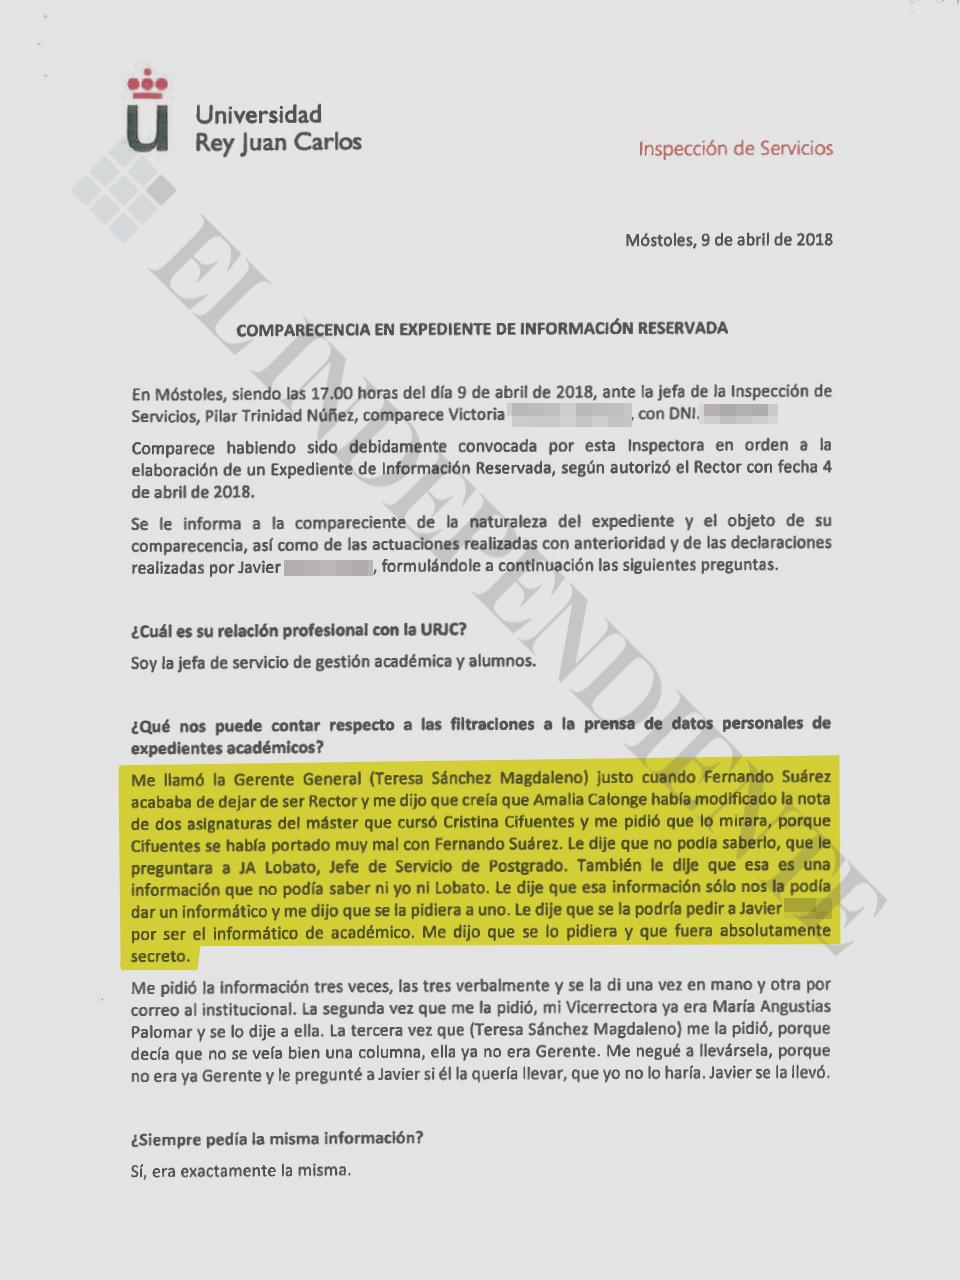 Acta de la comparecencia de la jefa de servicio deGestión Académica y Alumnos.